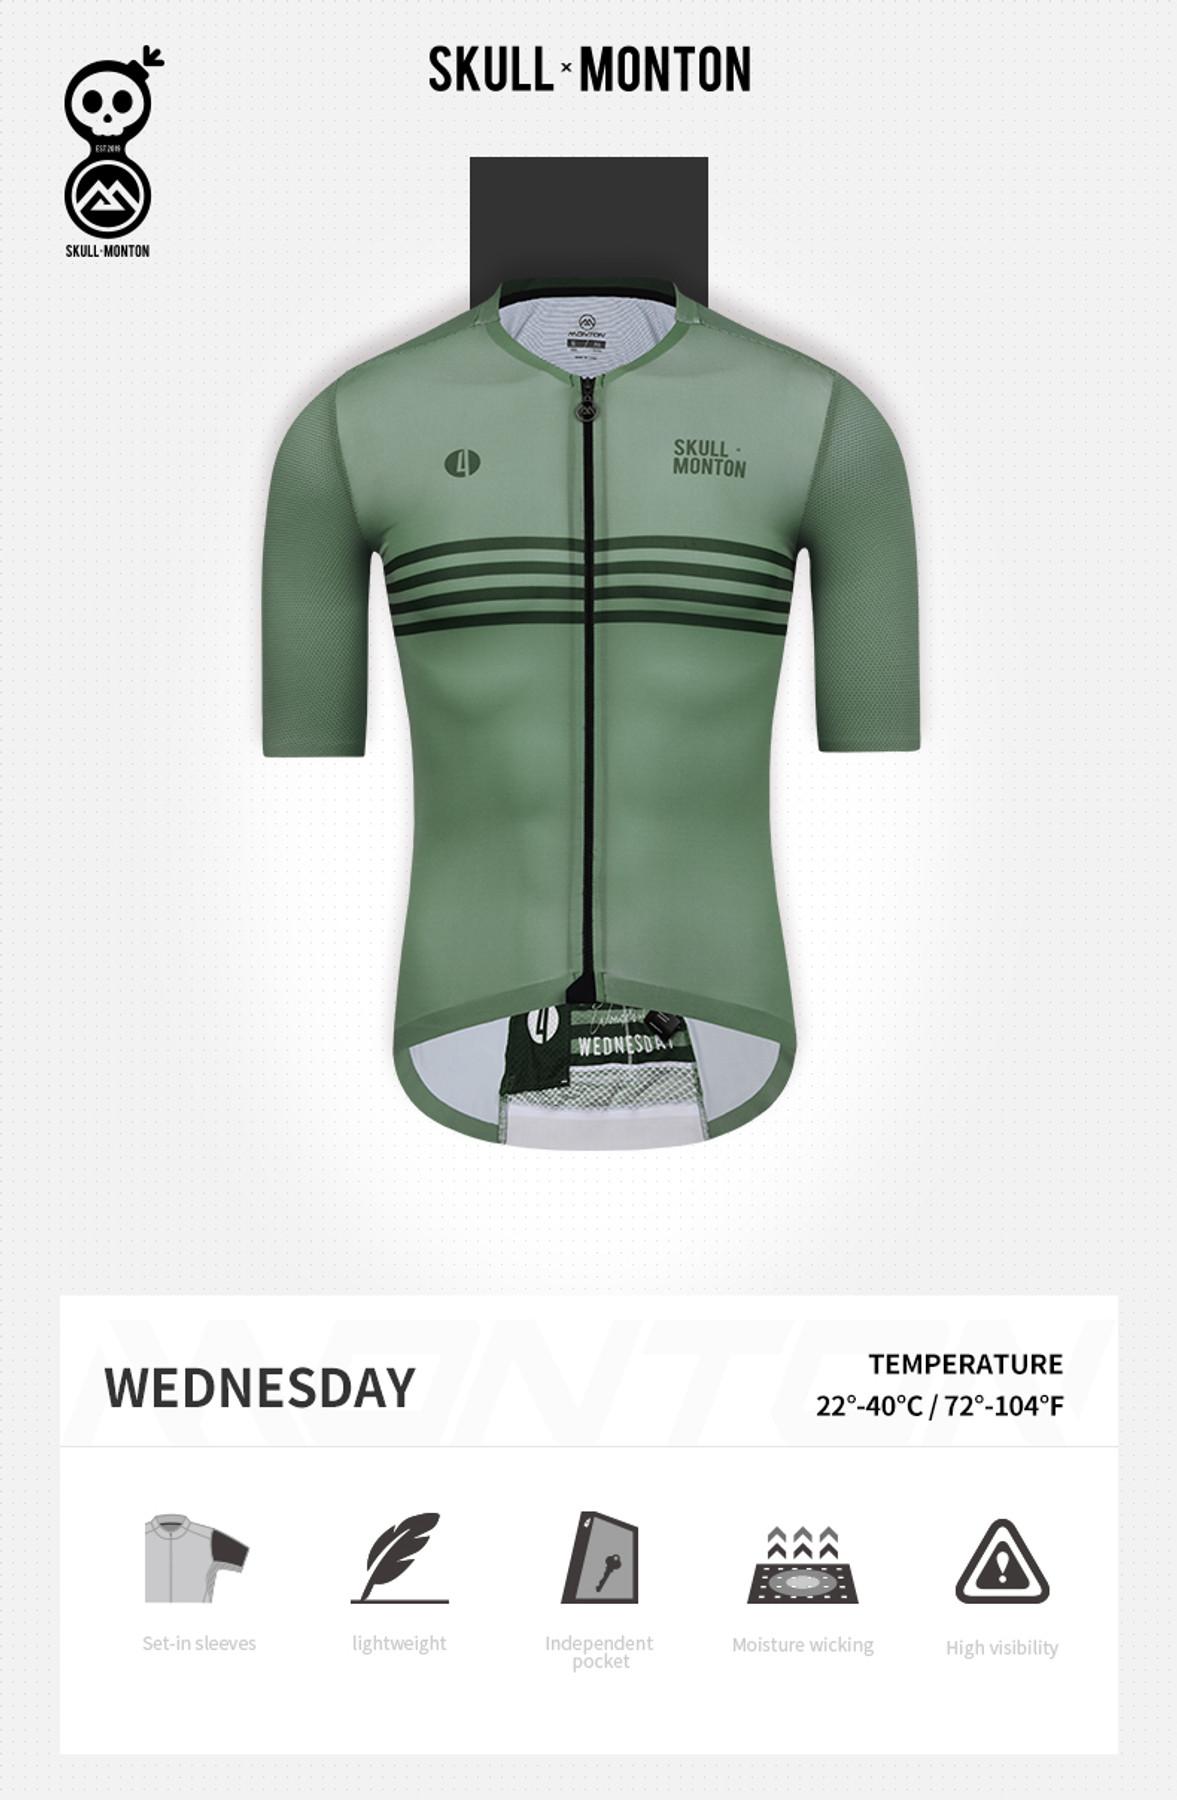 Monton hommes cyclisme jersey mercredi graygreen